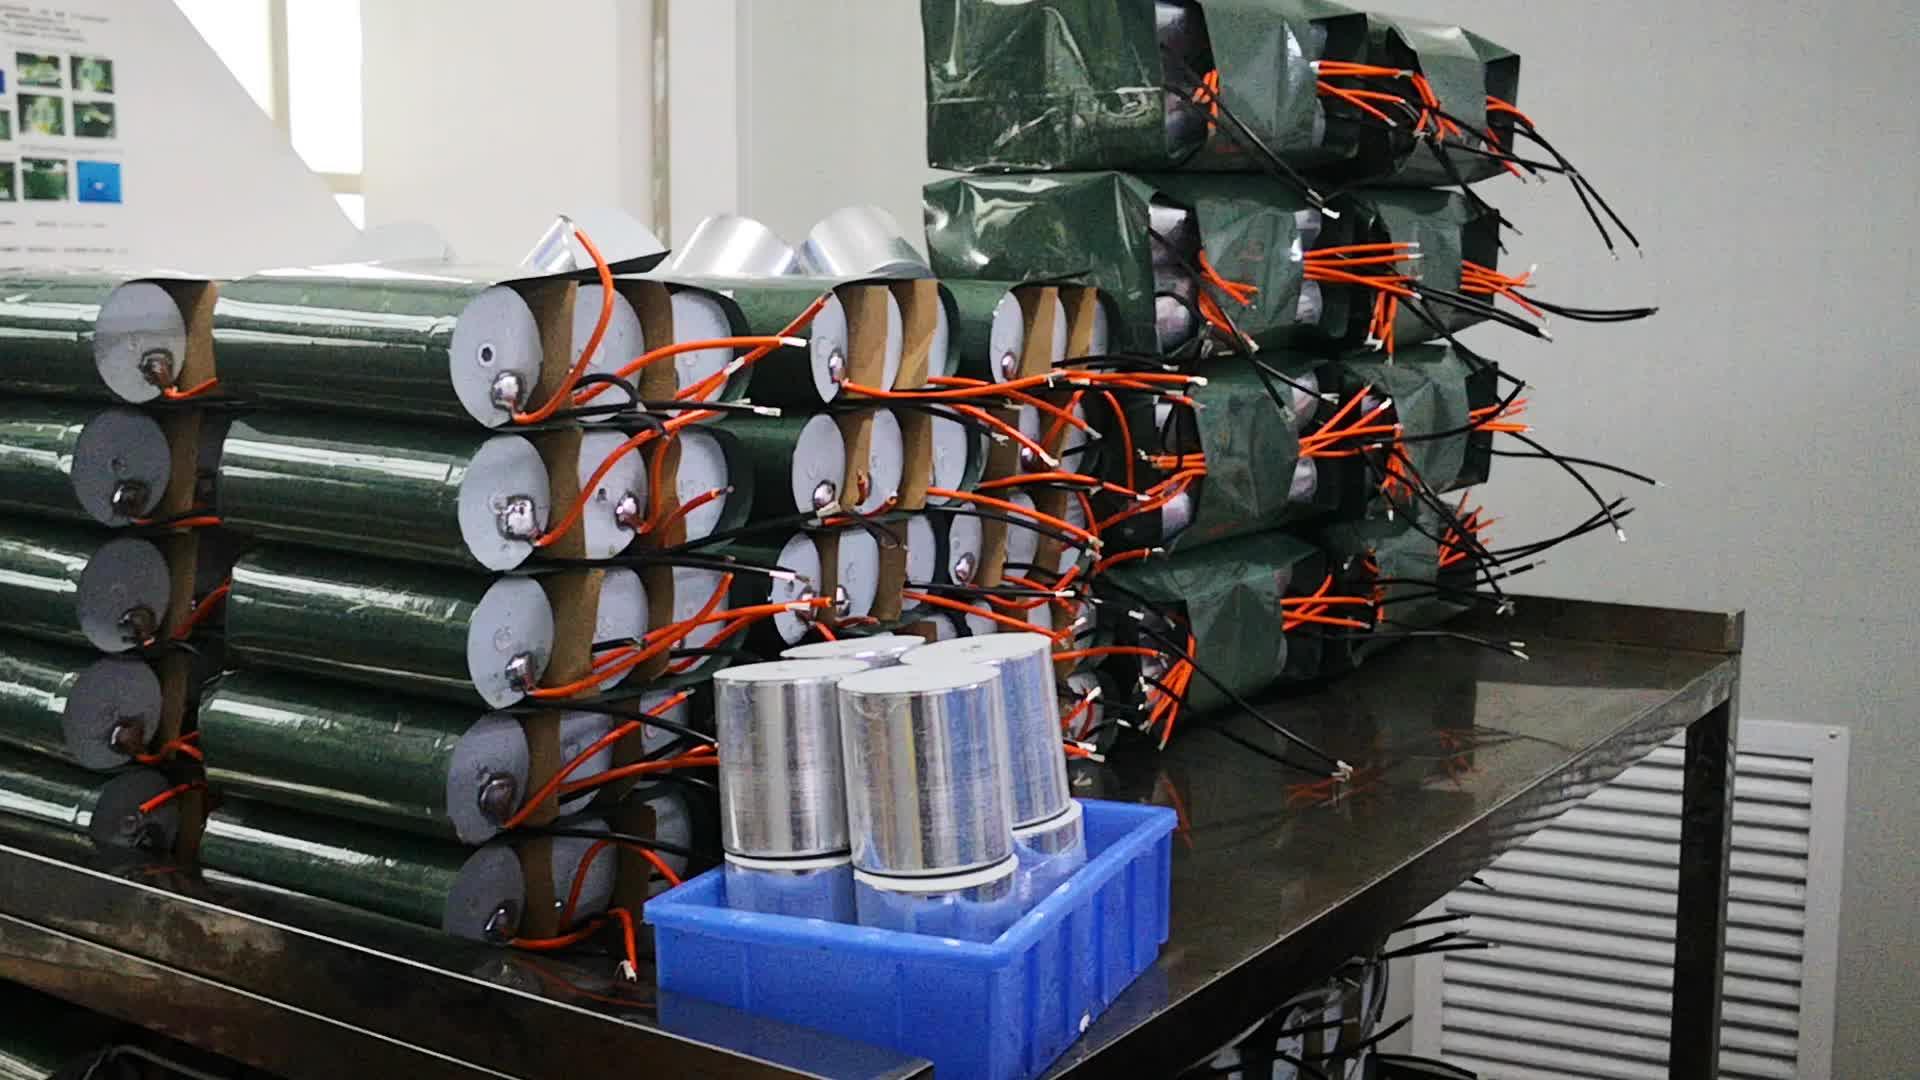 60Kvar Trockenen Typ Intelligente Kondensator 450V Kondensator Bank mit platz Kondensatoren